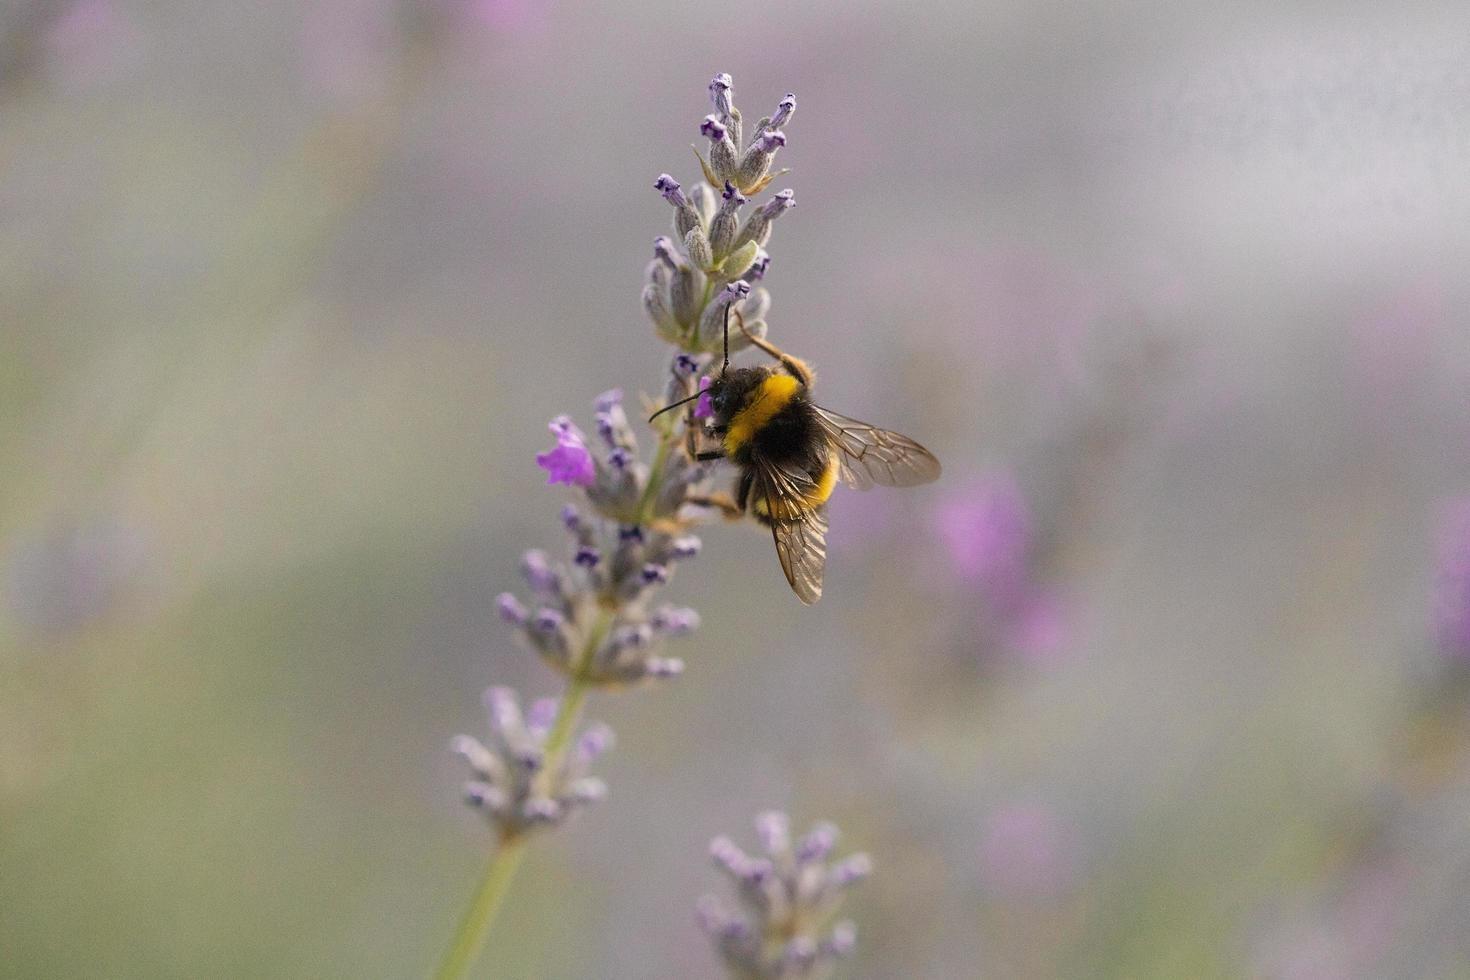 vue rapprochée d'une abeille photo